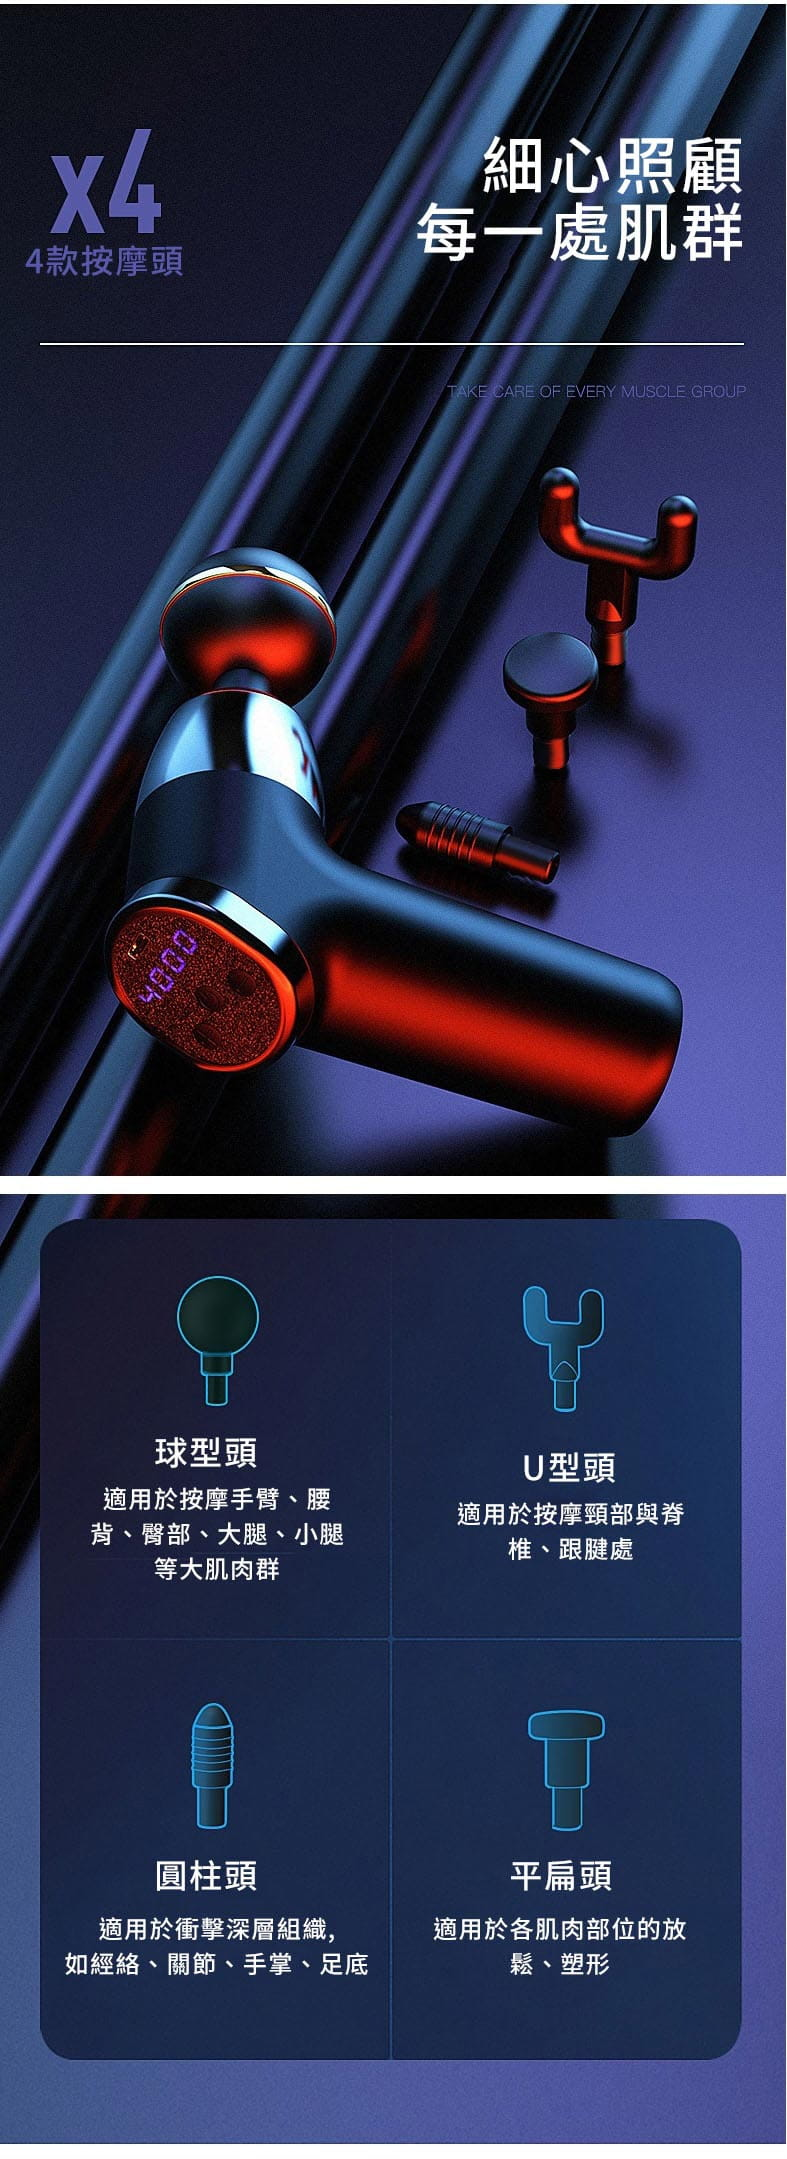 液晶版 20段速 USB電動按摩槍多功能健身肌肉按摩槍mini口袋筋膜槍 8